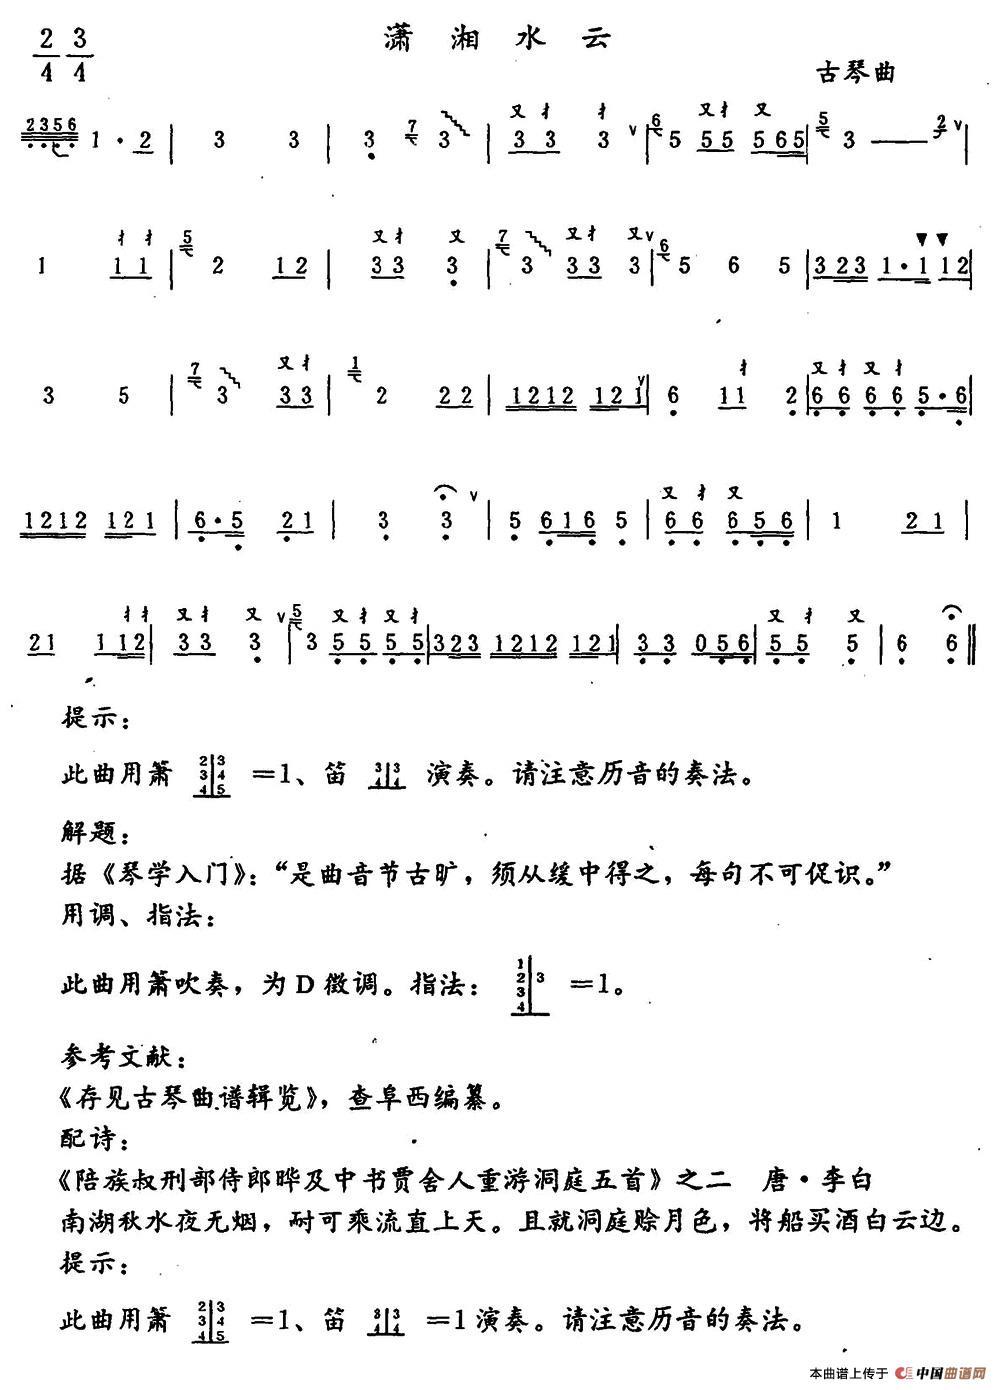 慎思曲谱_博学慎思书法图片